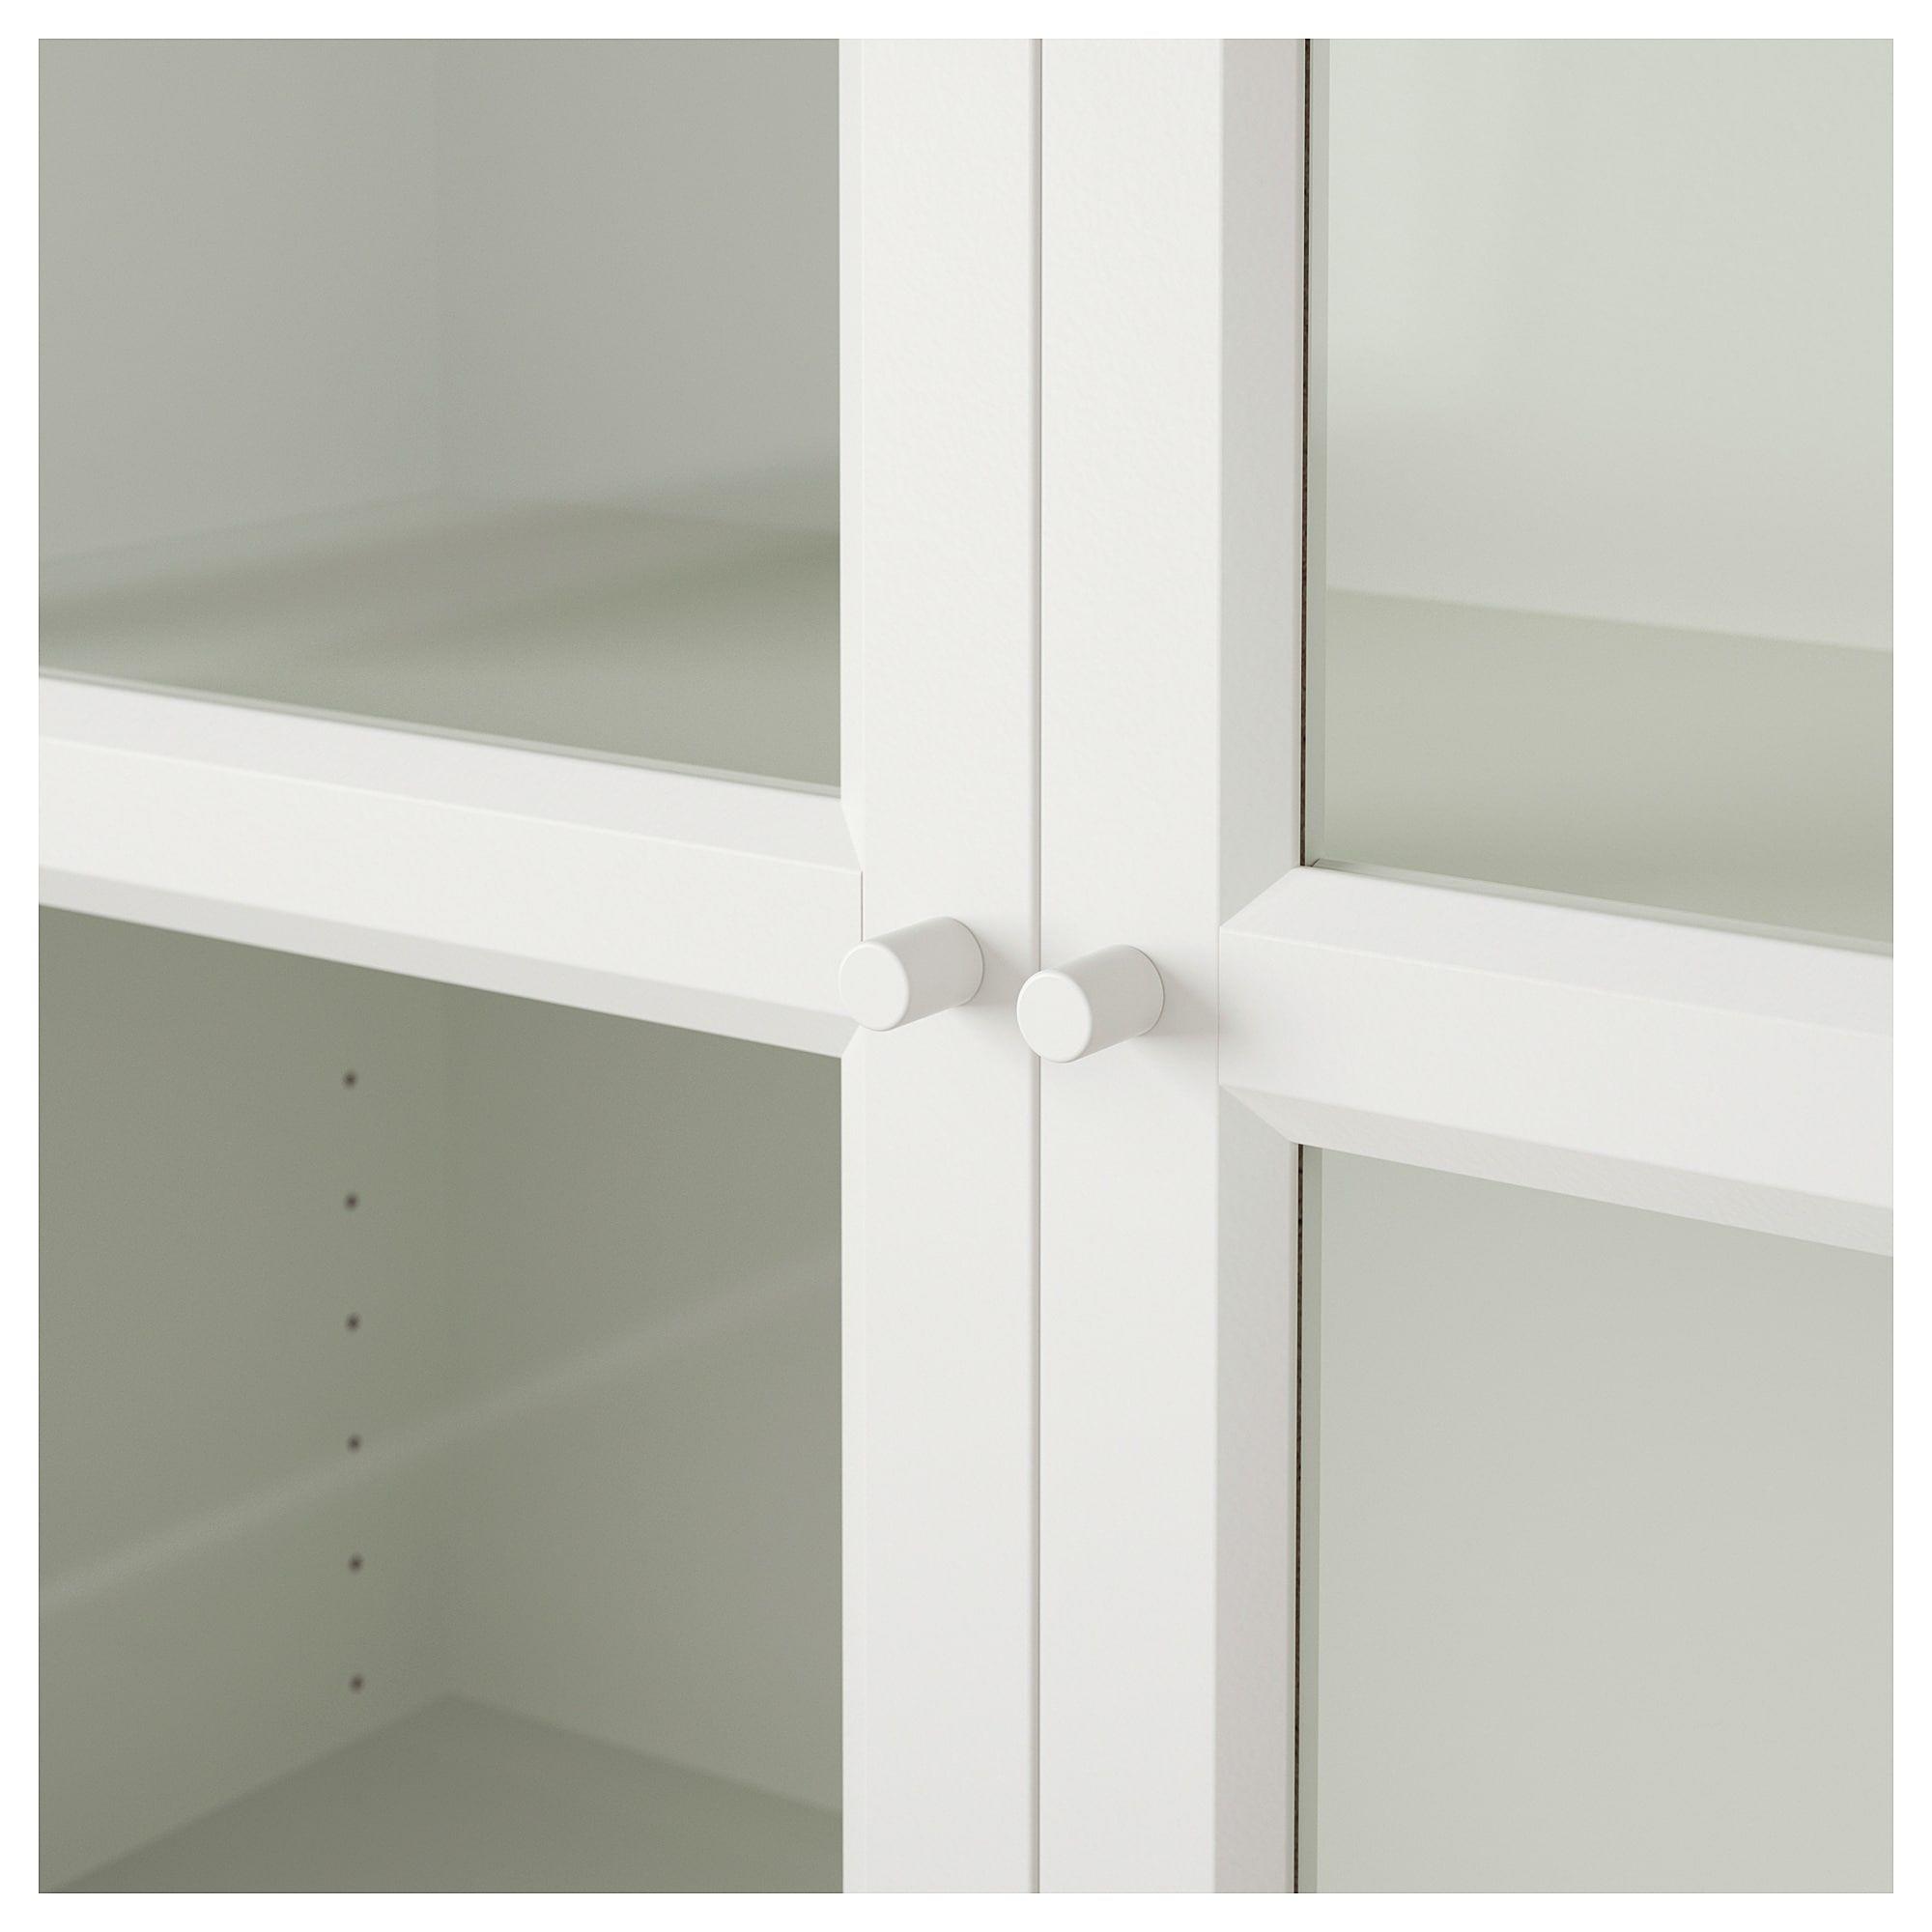 Libreria Billy Ikea Con Ante.Bookcase Billy Oxberg White Mia S Office Bookcase With Glass